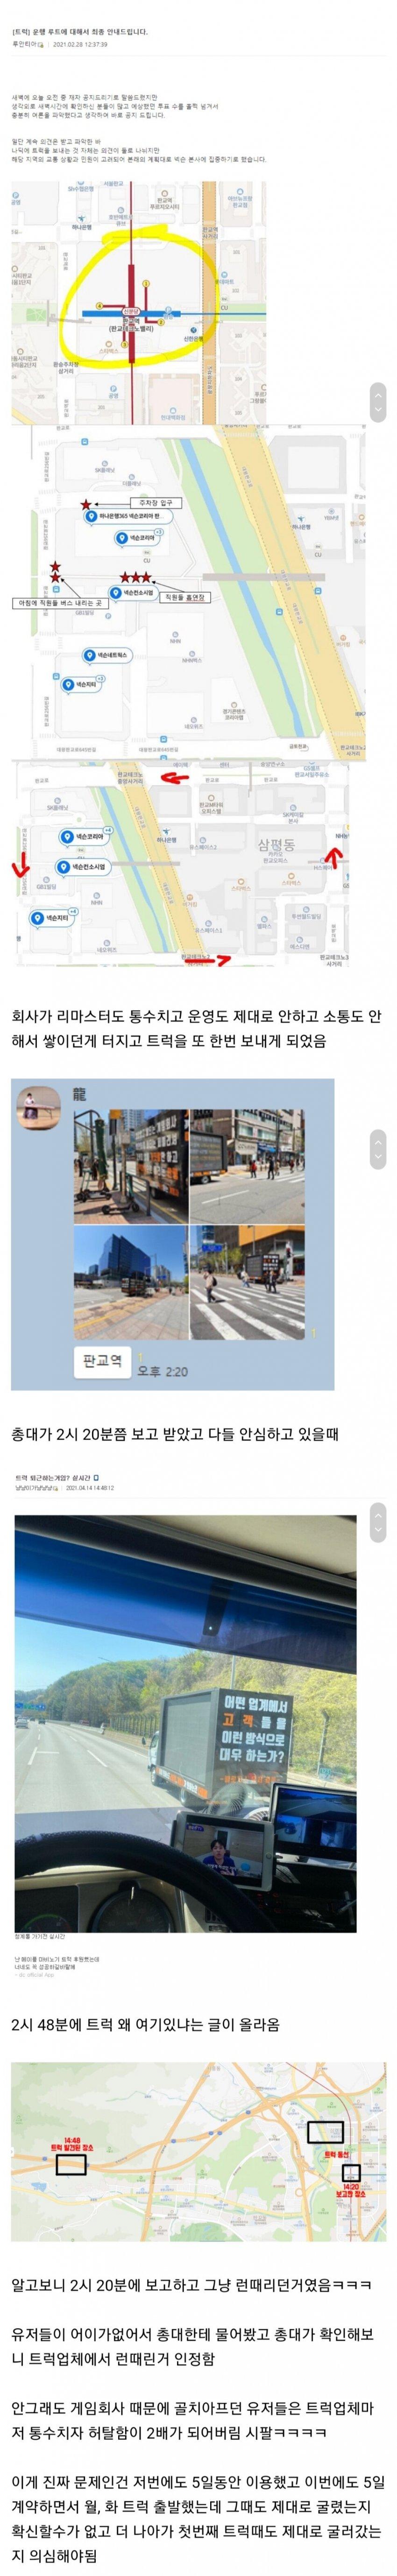 viewimage.php?id=2cb2d521e4df3d&no=24b0d769e1d32ca73fec81fa11d02831b46f6c3837711f4400726c62dd642258b73aea670dbe405ed110c2d5c95263538f64a43295bb1fe67cc84054e6ab77dbb79fcb8db3edf0216041bd6d1570270647910f6ad298388dab91b34039bdeacdb9ed9c29f8d761